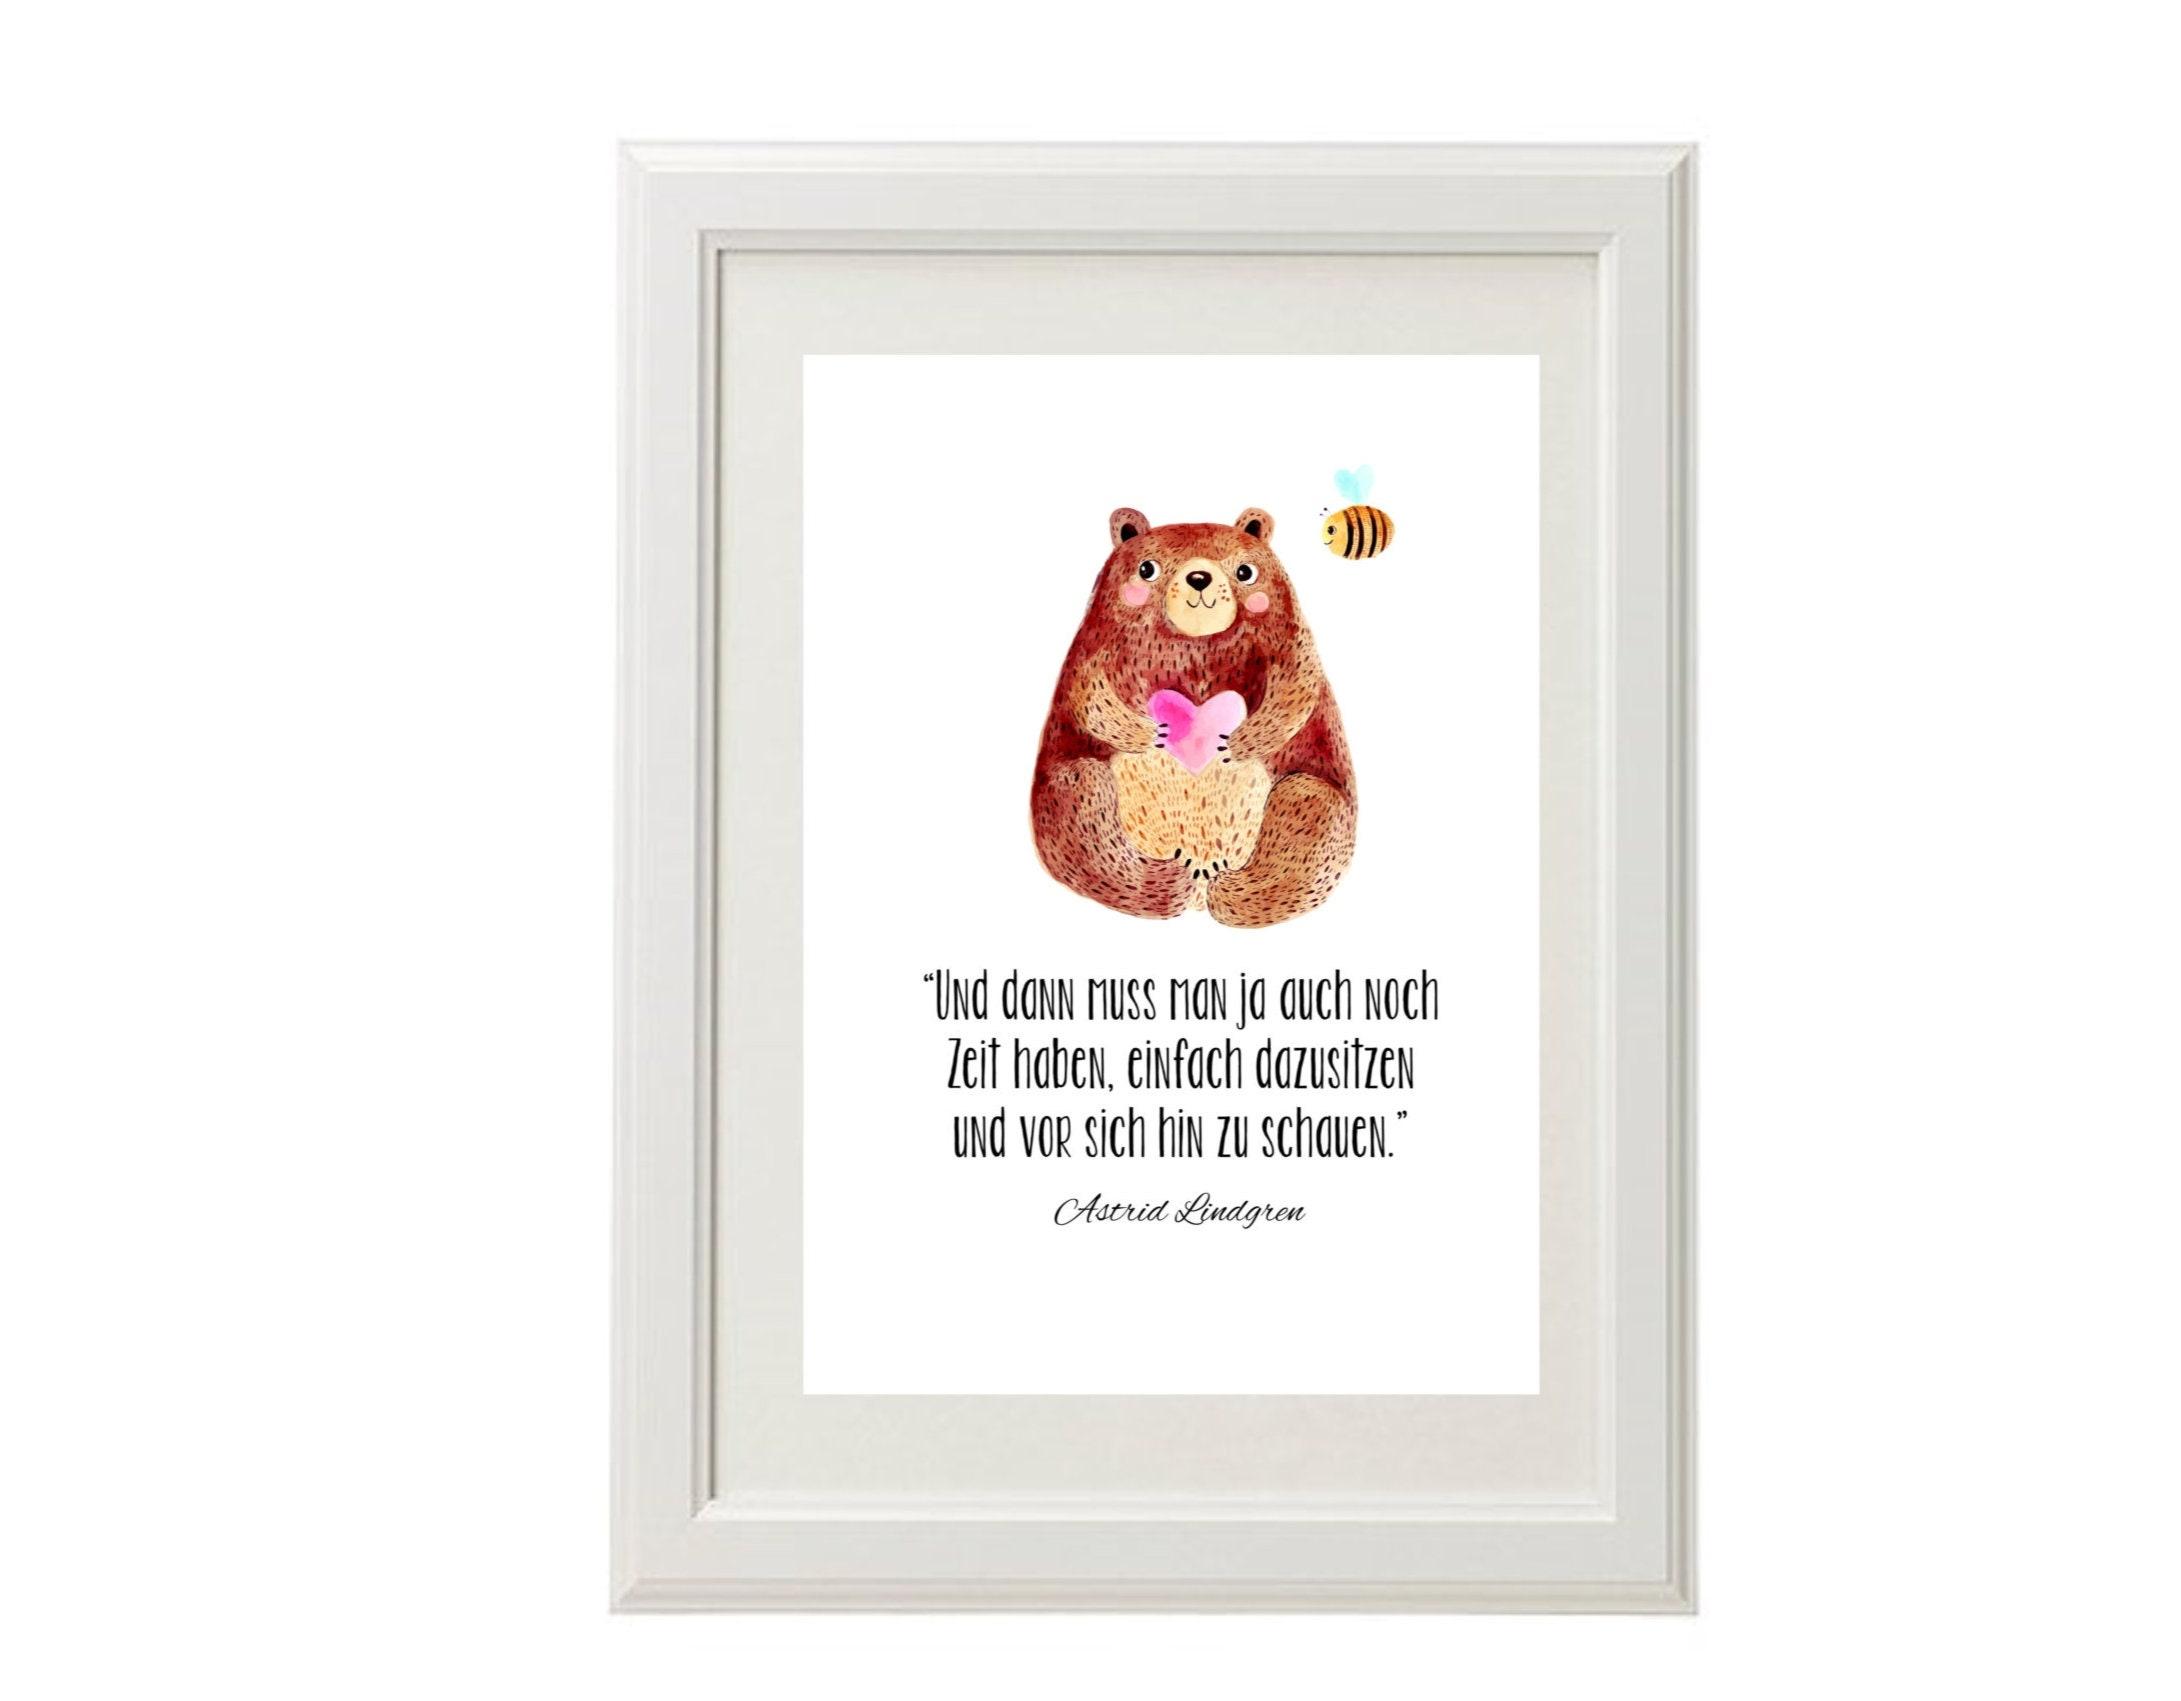 Bild fürs Kinderzimmer Astrid Lindgren | Etsy